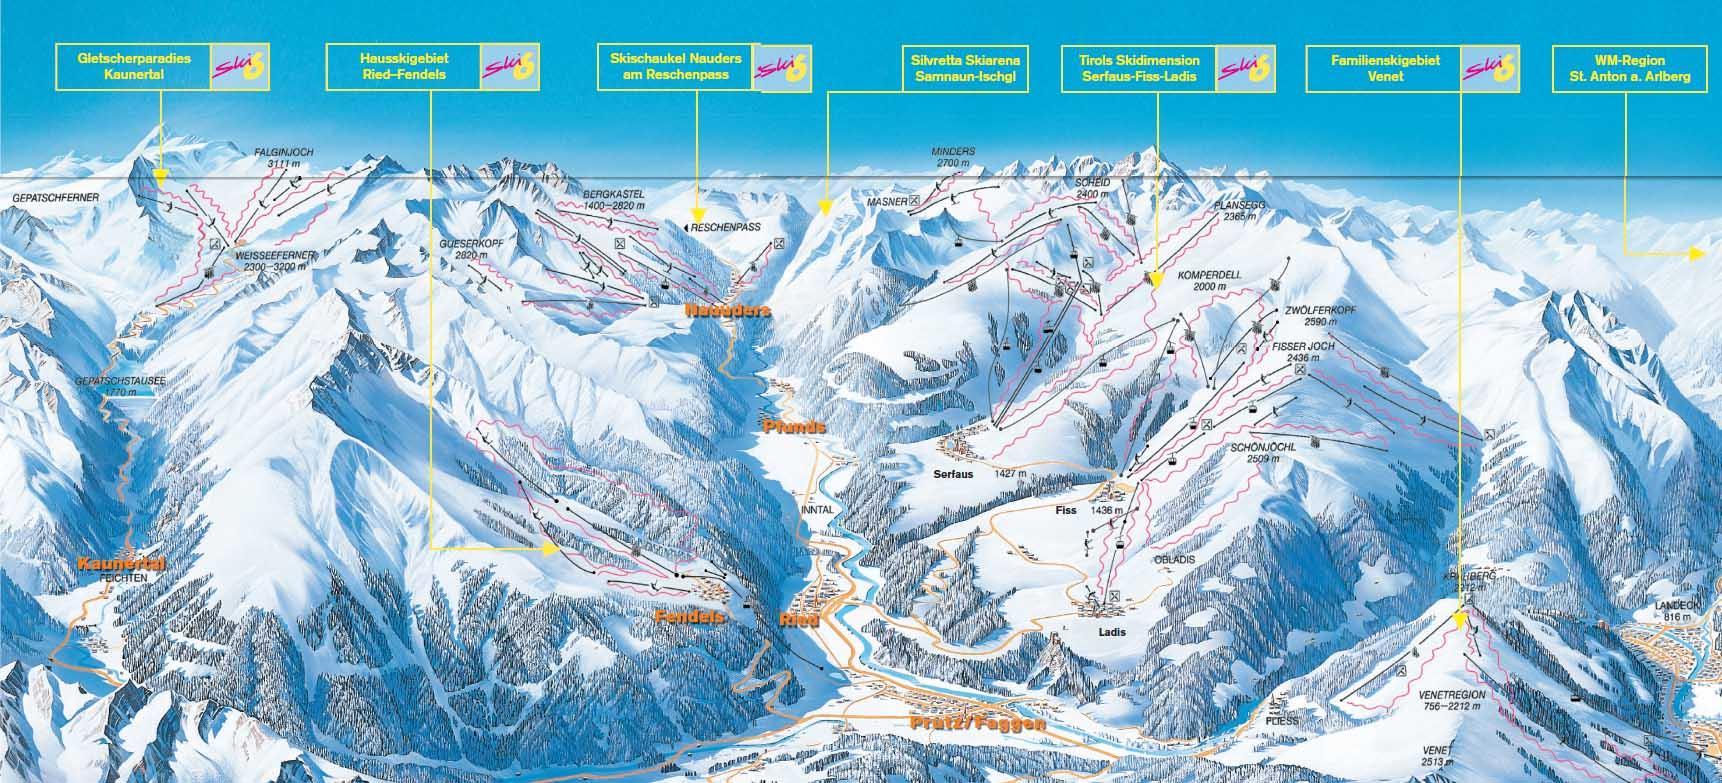 Австрия регион СКИ-6 схема трасс